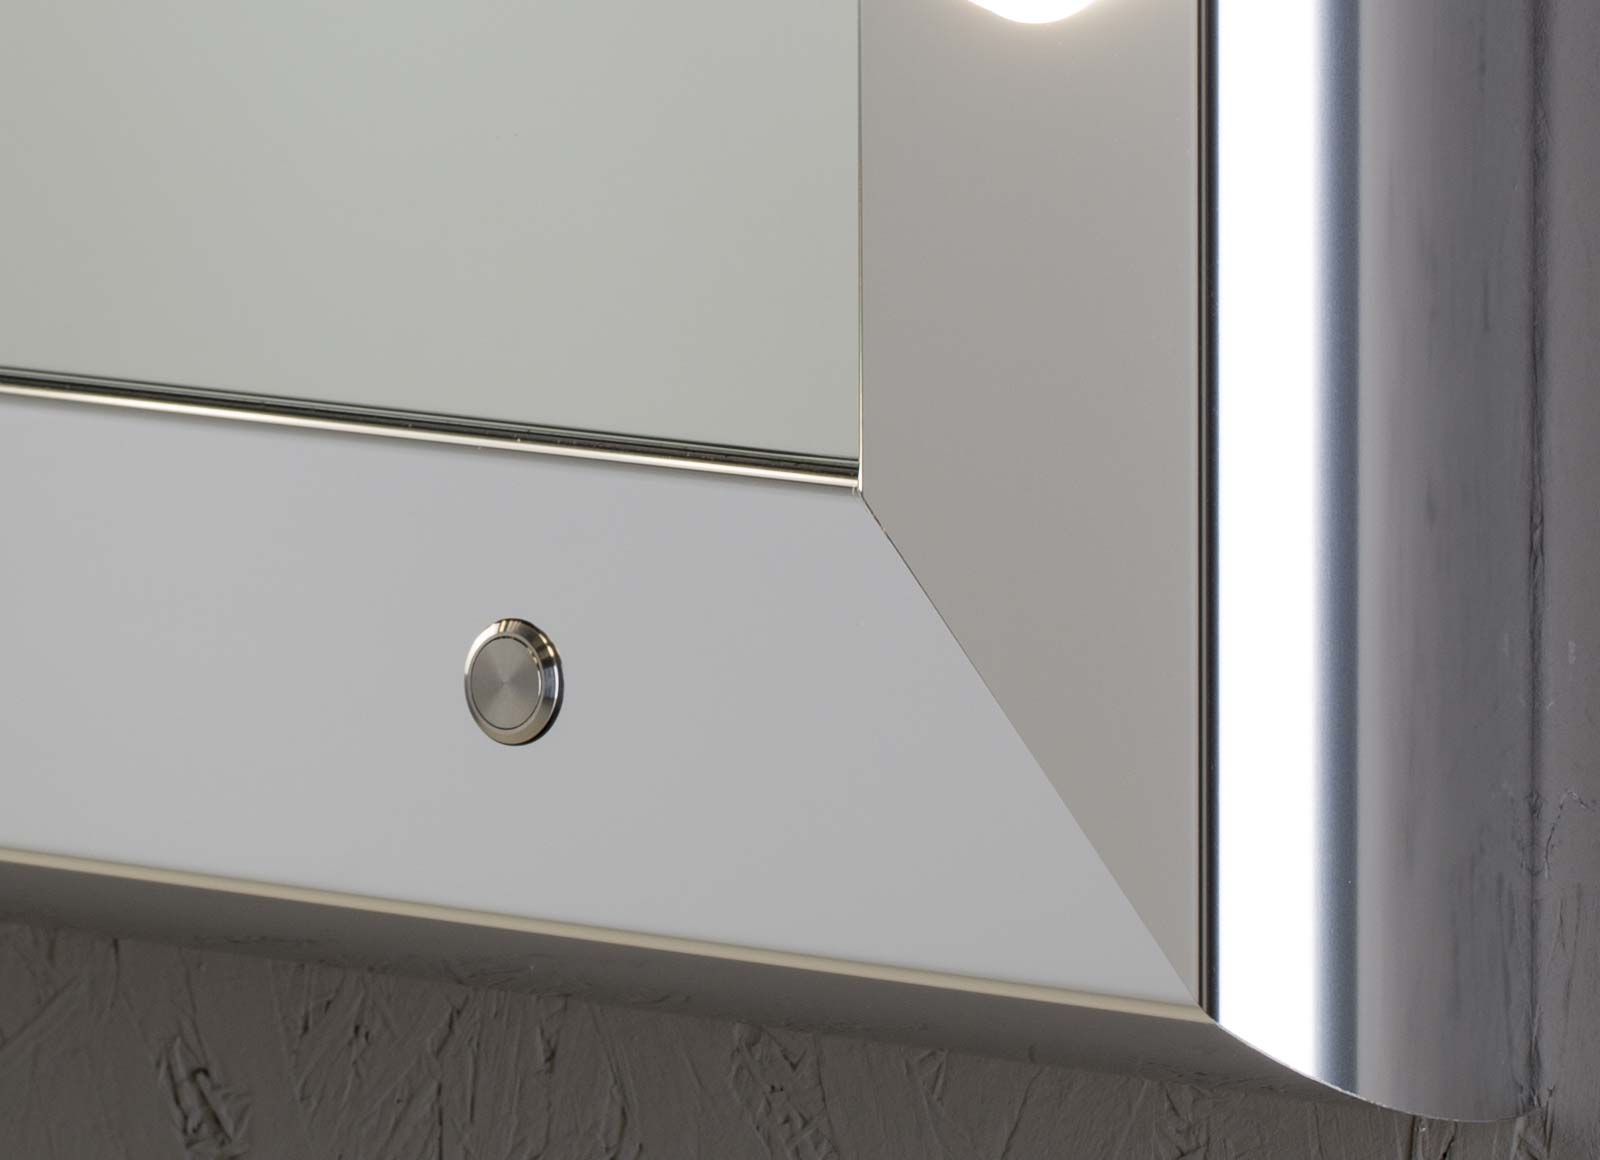 Specchi grandi da parete ikea elegant specchio da tavolo ikea with specchi grandi da parete - Ikea specchi grandi ...